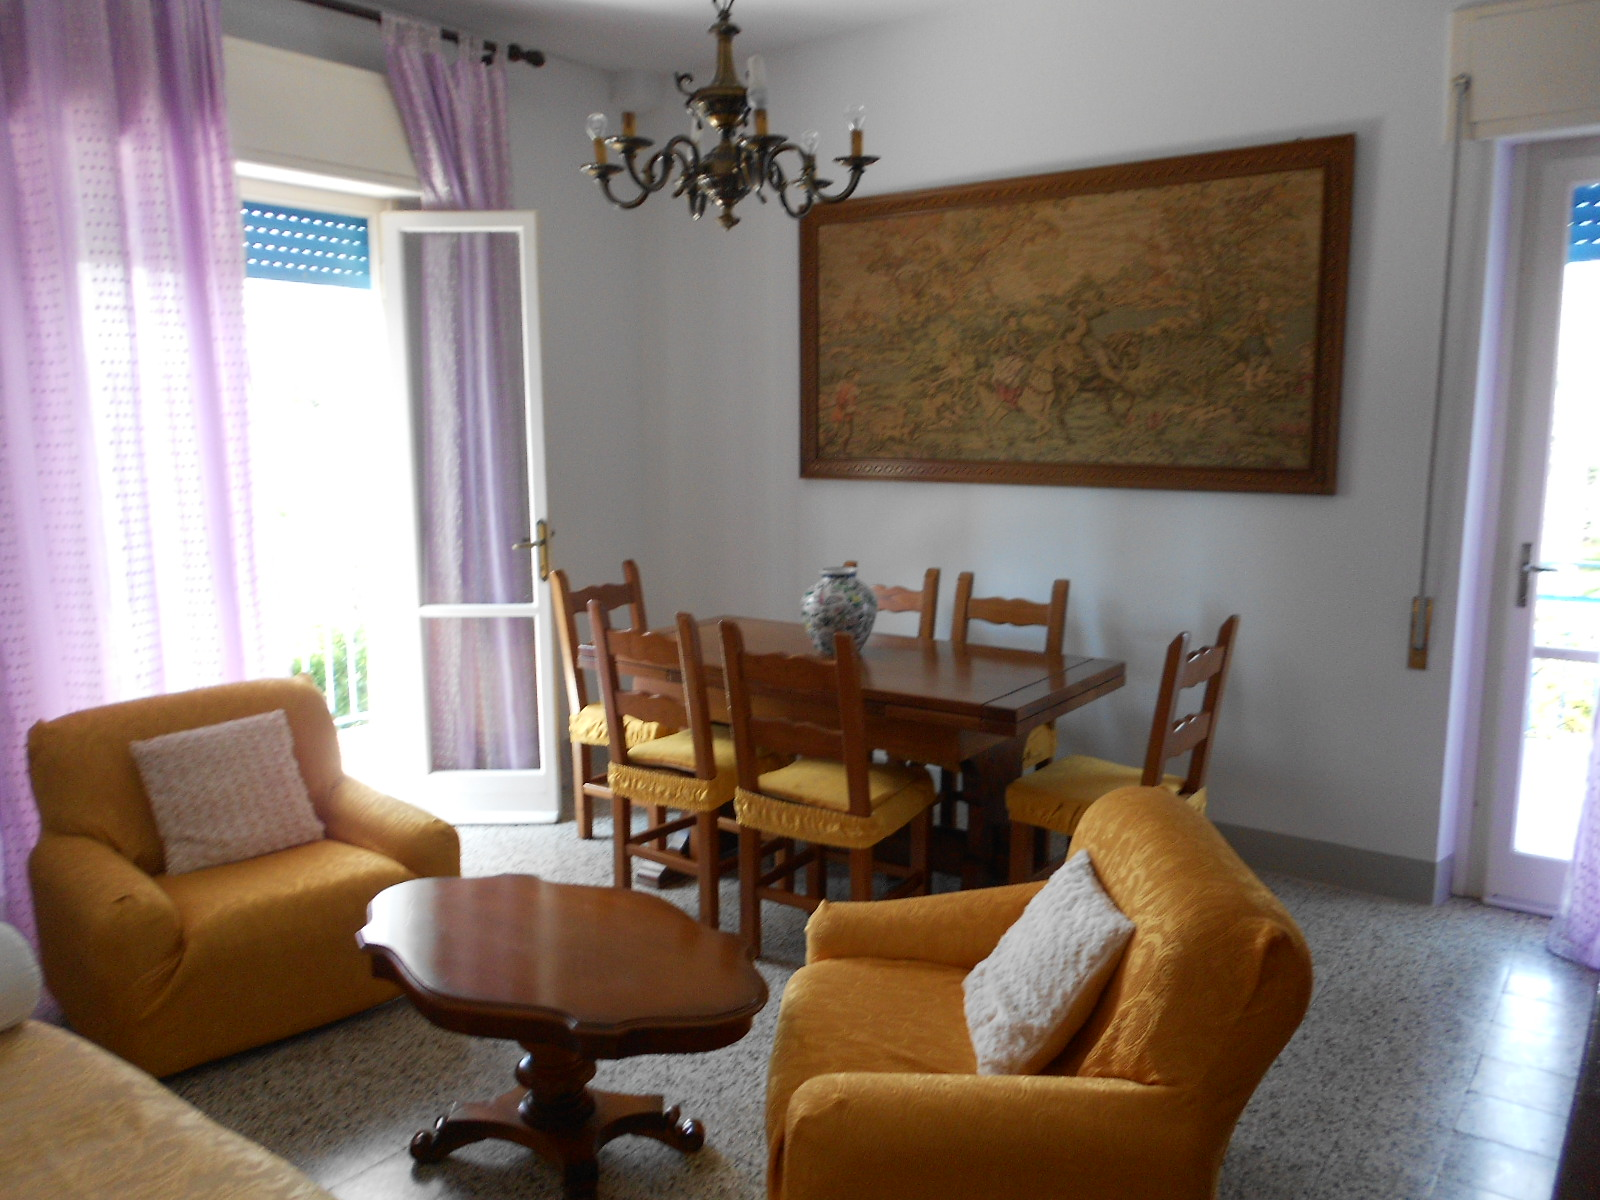 Appartamento in vendita a Seravezza, 4 locali, zona i, prezzo € 185.000 | PortaleAgenzieImmobiliari.it